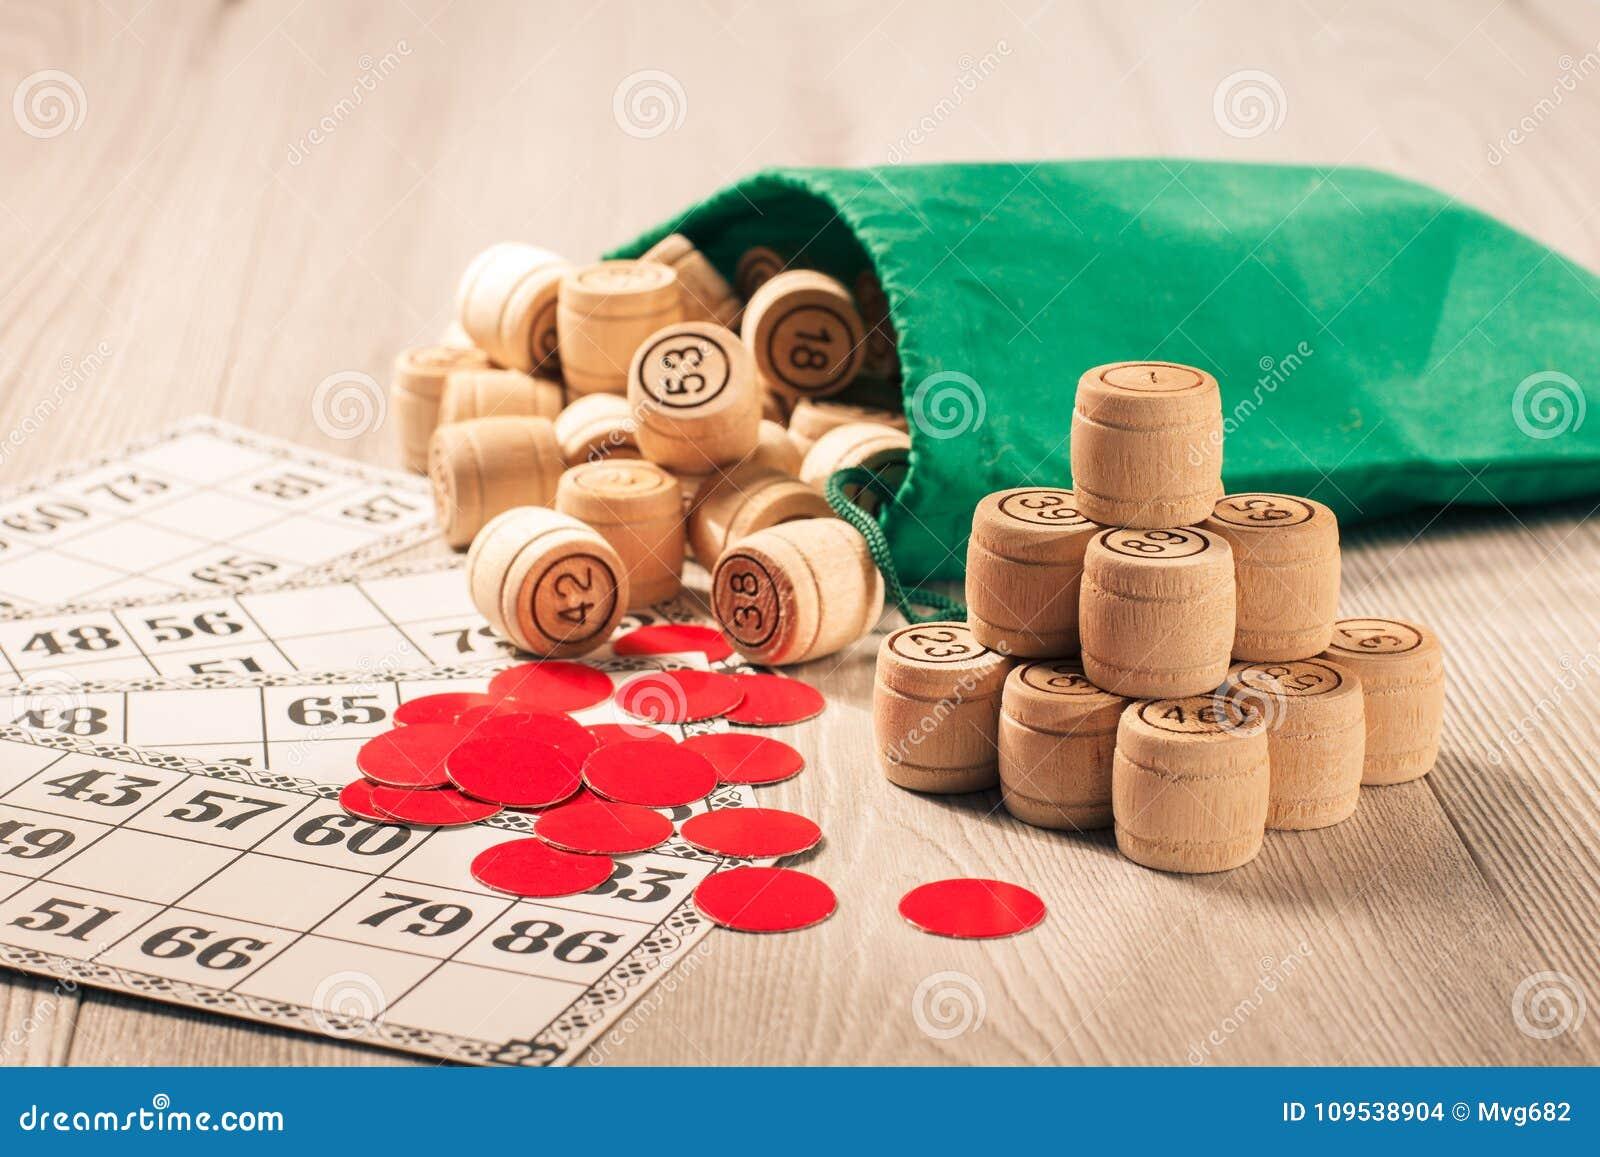 木乐透纸牌滚磨与袋子、芯片和游戏卡比赛的我